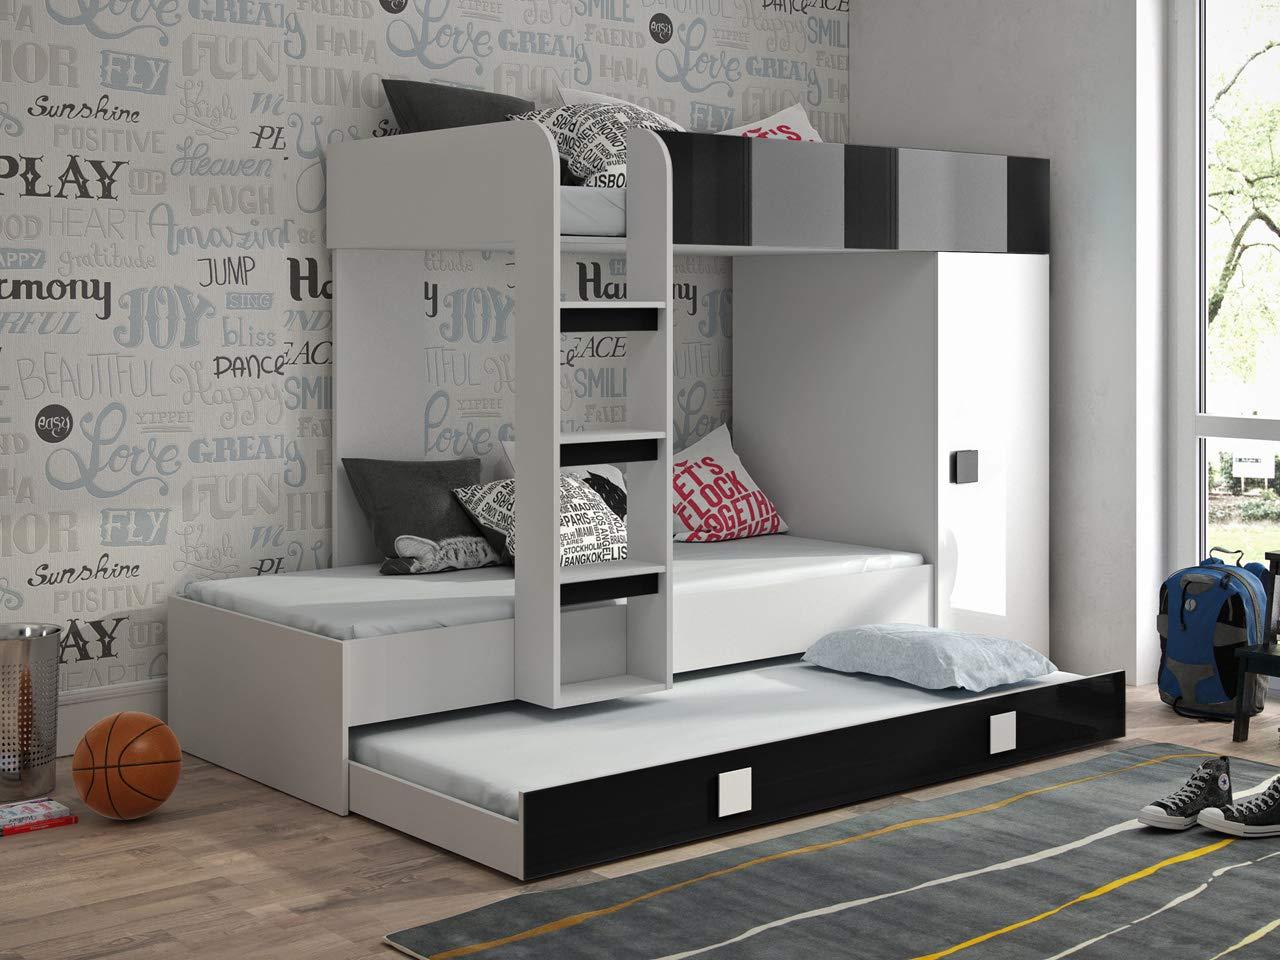 Etagenbett für Kinder TOLEDO 2 Stockbett mit Treppe und Bettkasten KRYSPOL (Weißszlig; + Schwarzr Glanz) Weiß + Schwarzr Glanz